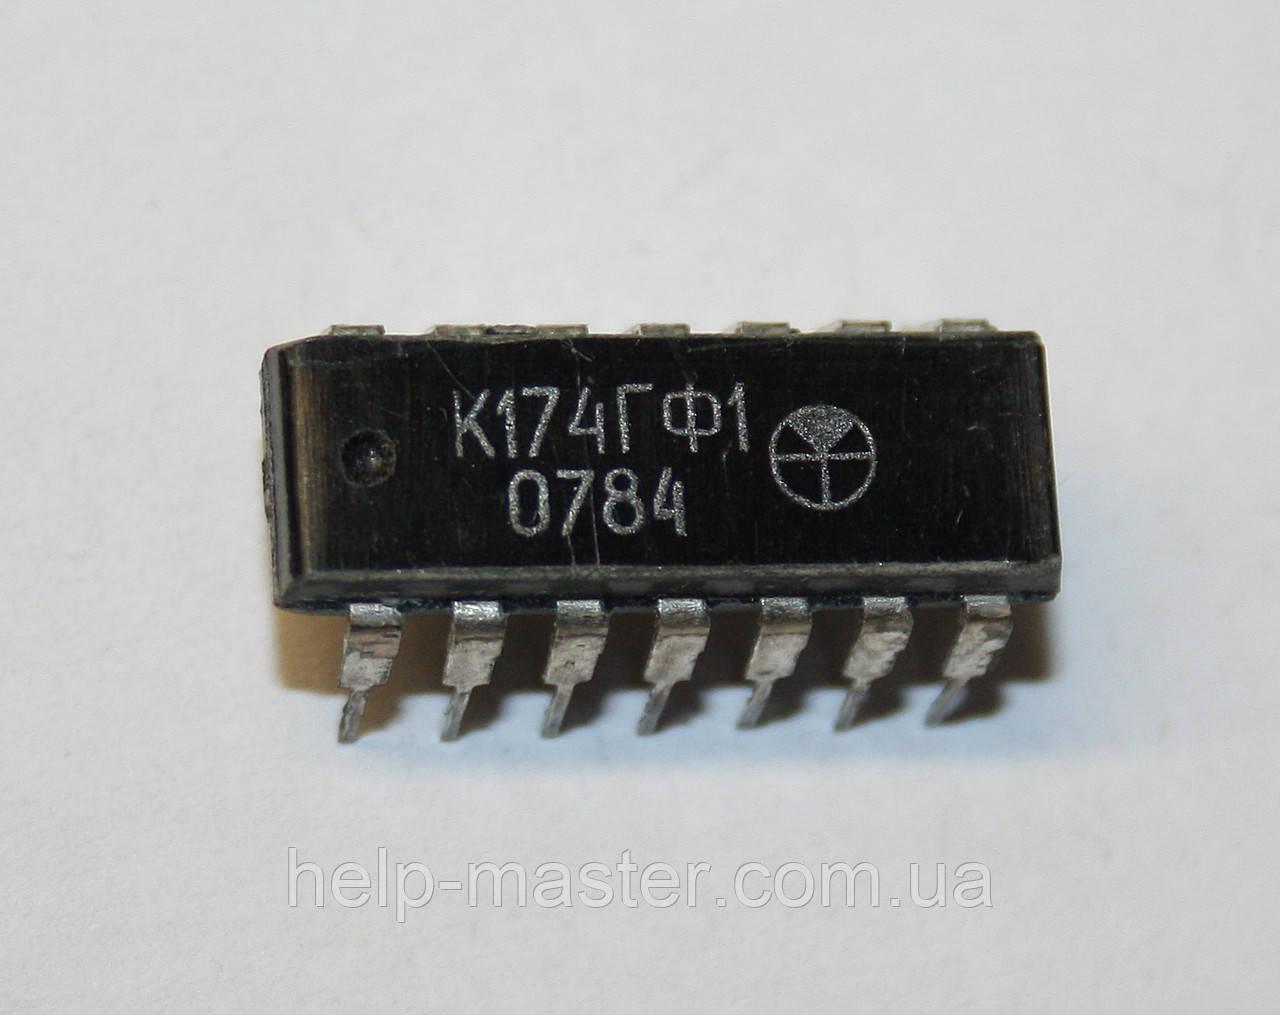 Микросхема К174ГФ1 (DIP-14)